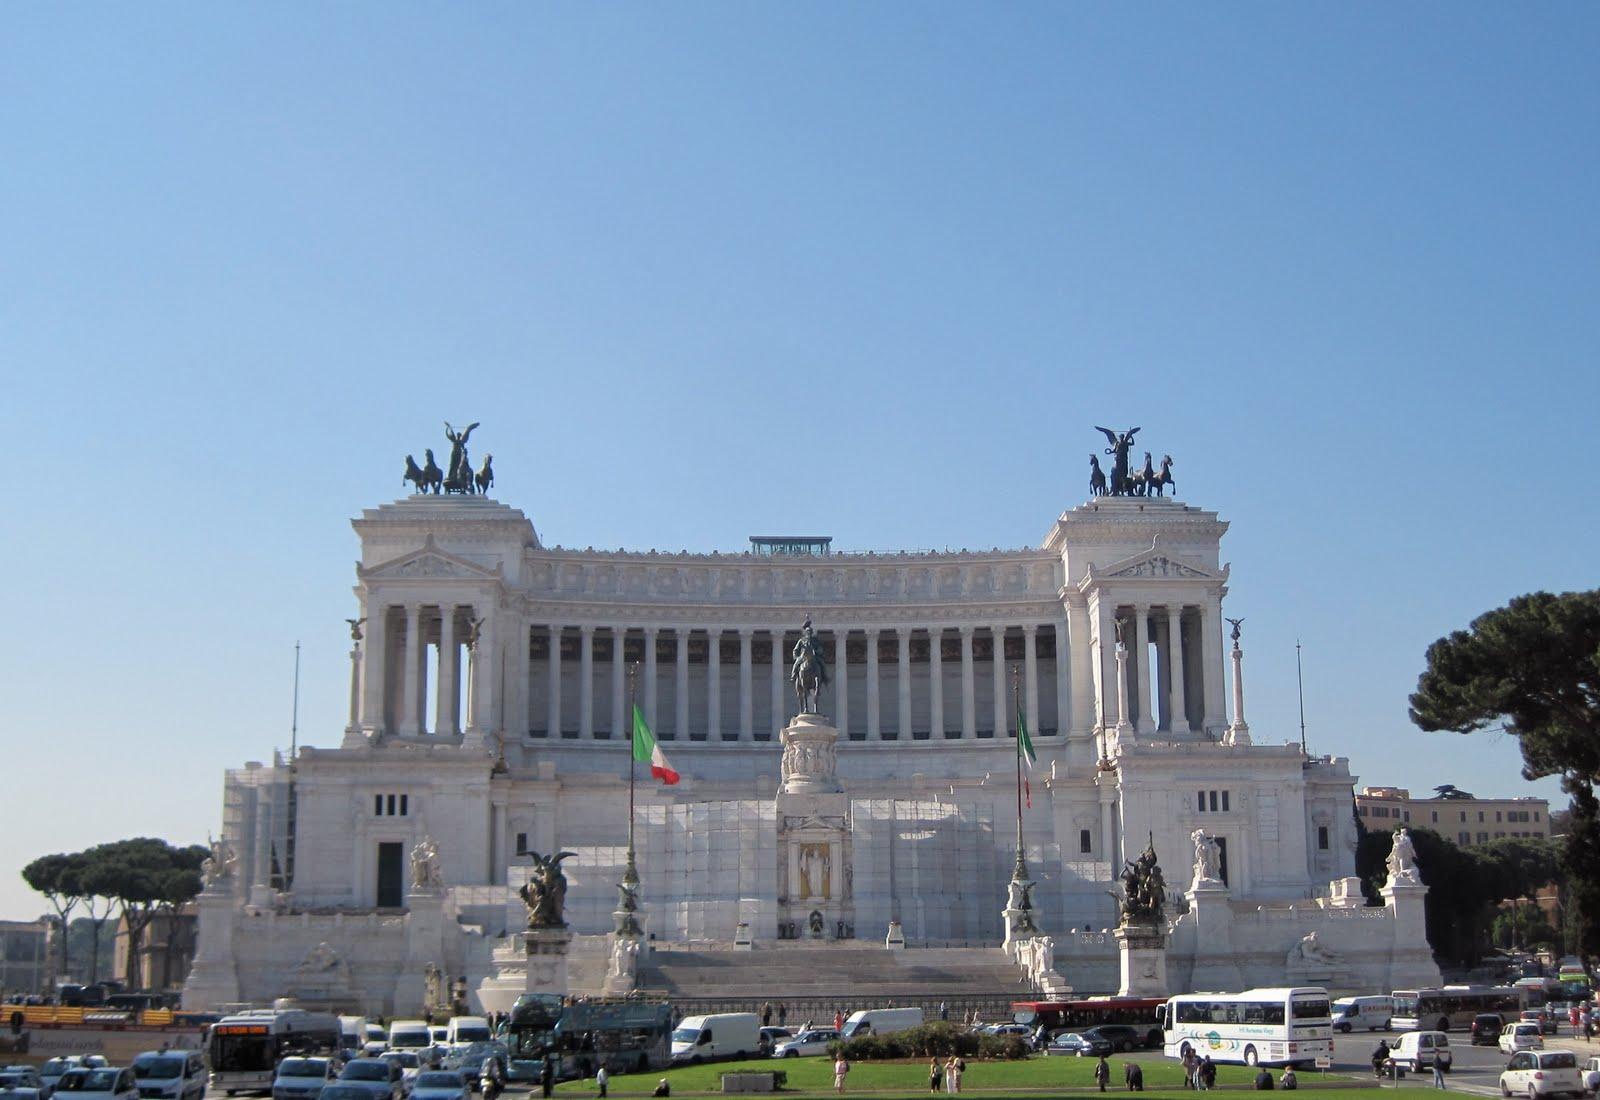 World cruise 2010 rome civitavecchia italy - Getting from civitavecchia port to rome ...